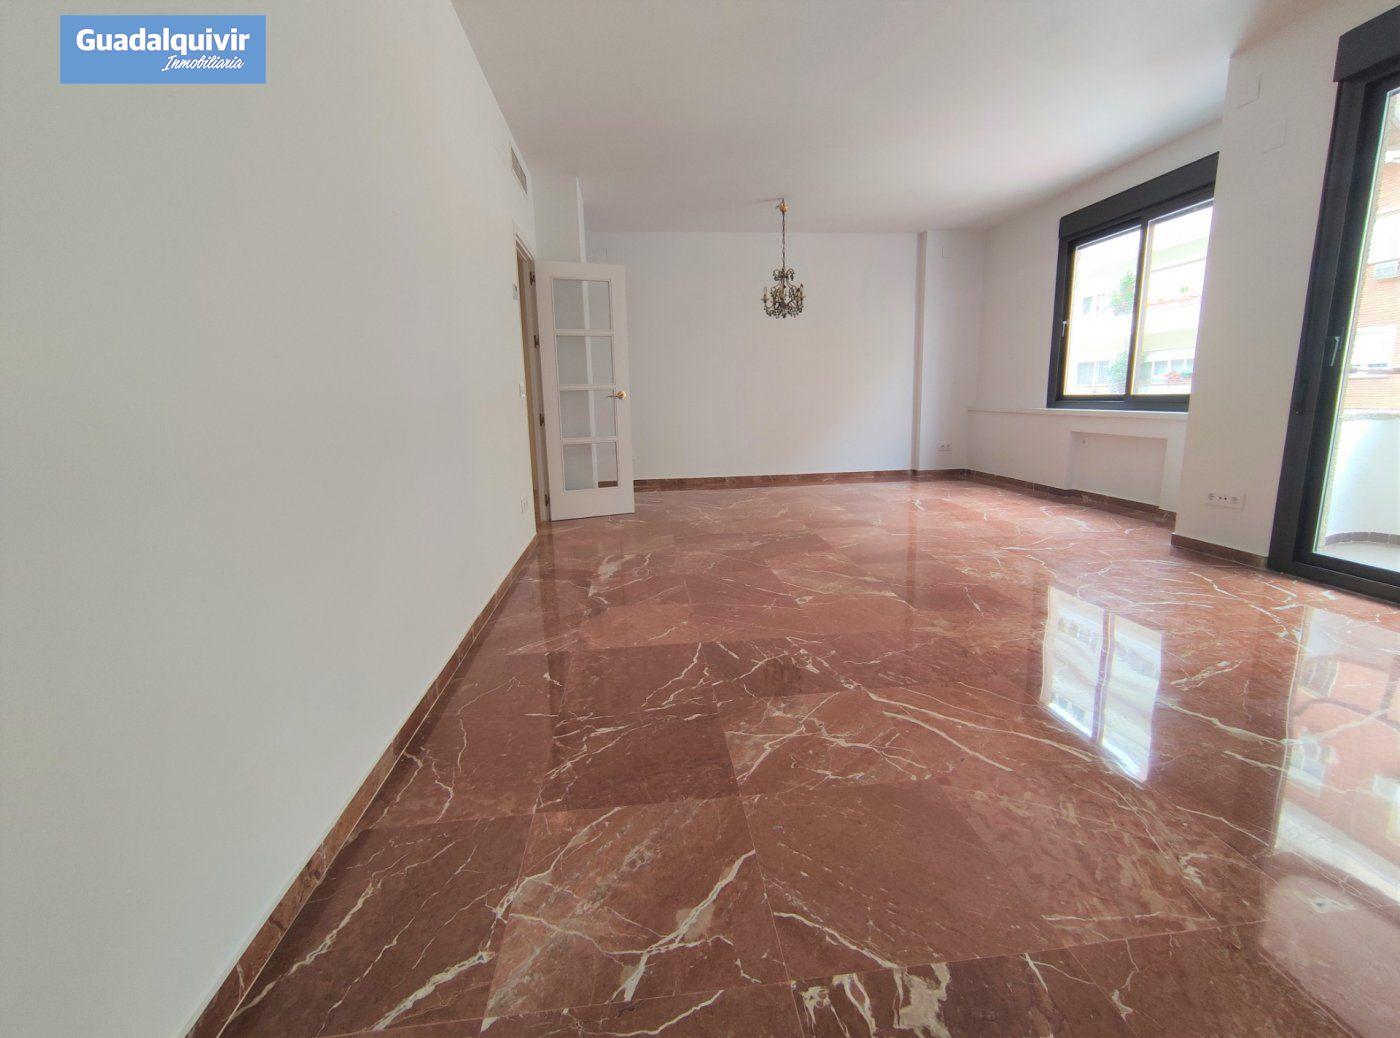 piso en sevilla · plaza-de-cuba---republica-argentina 1750€